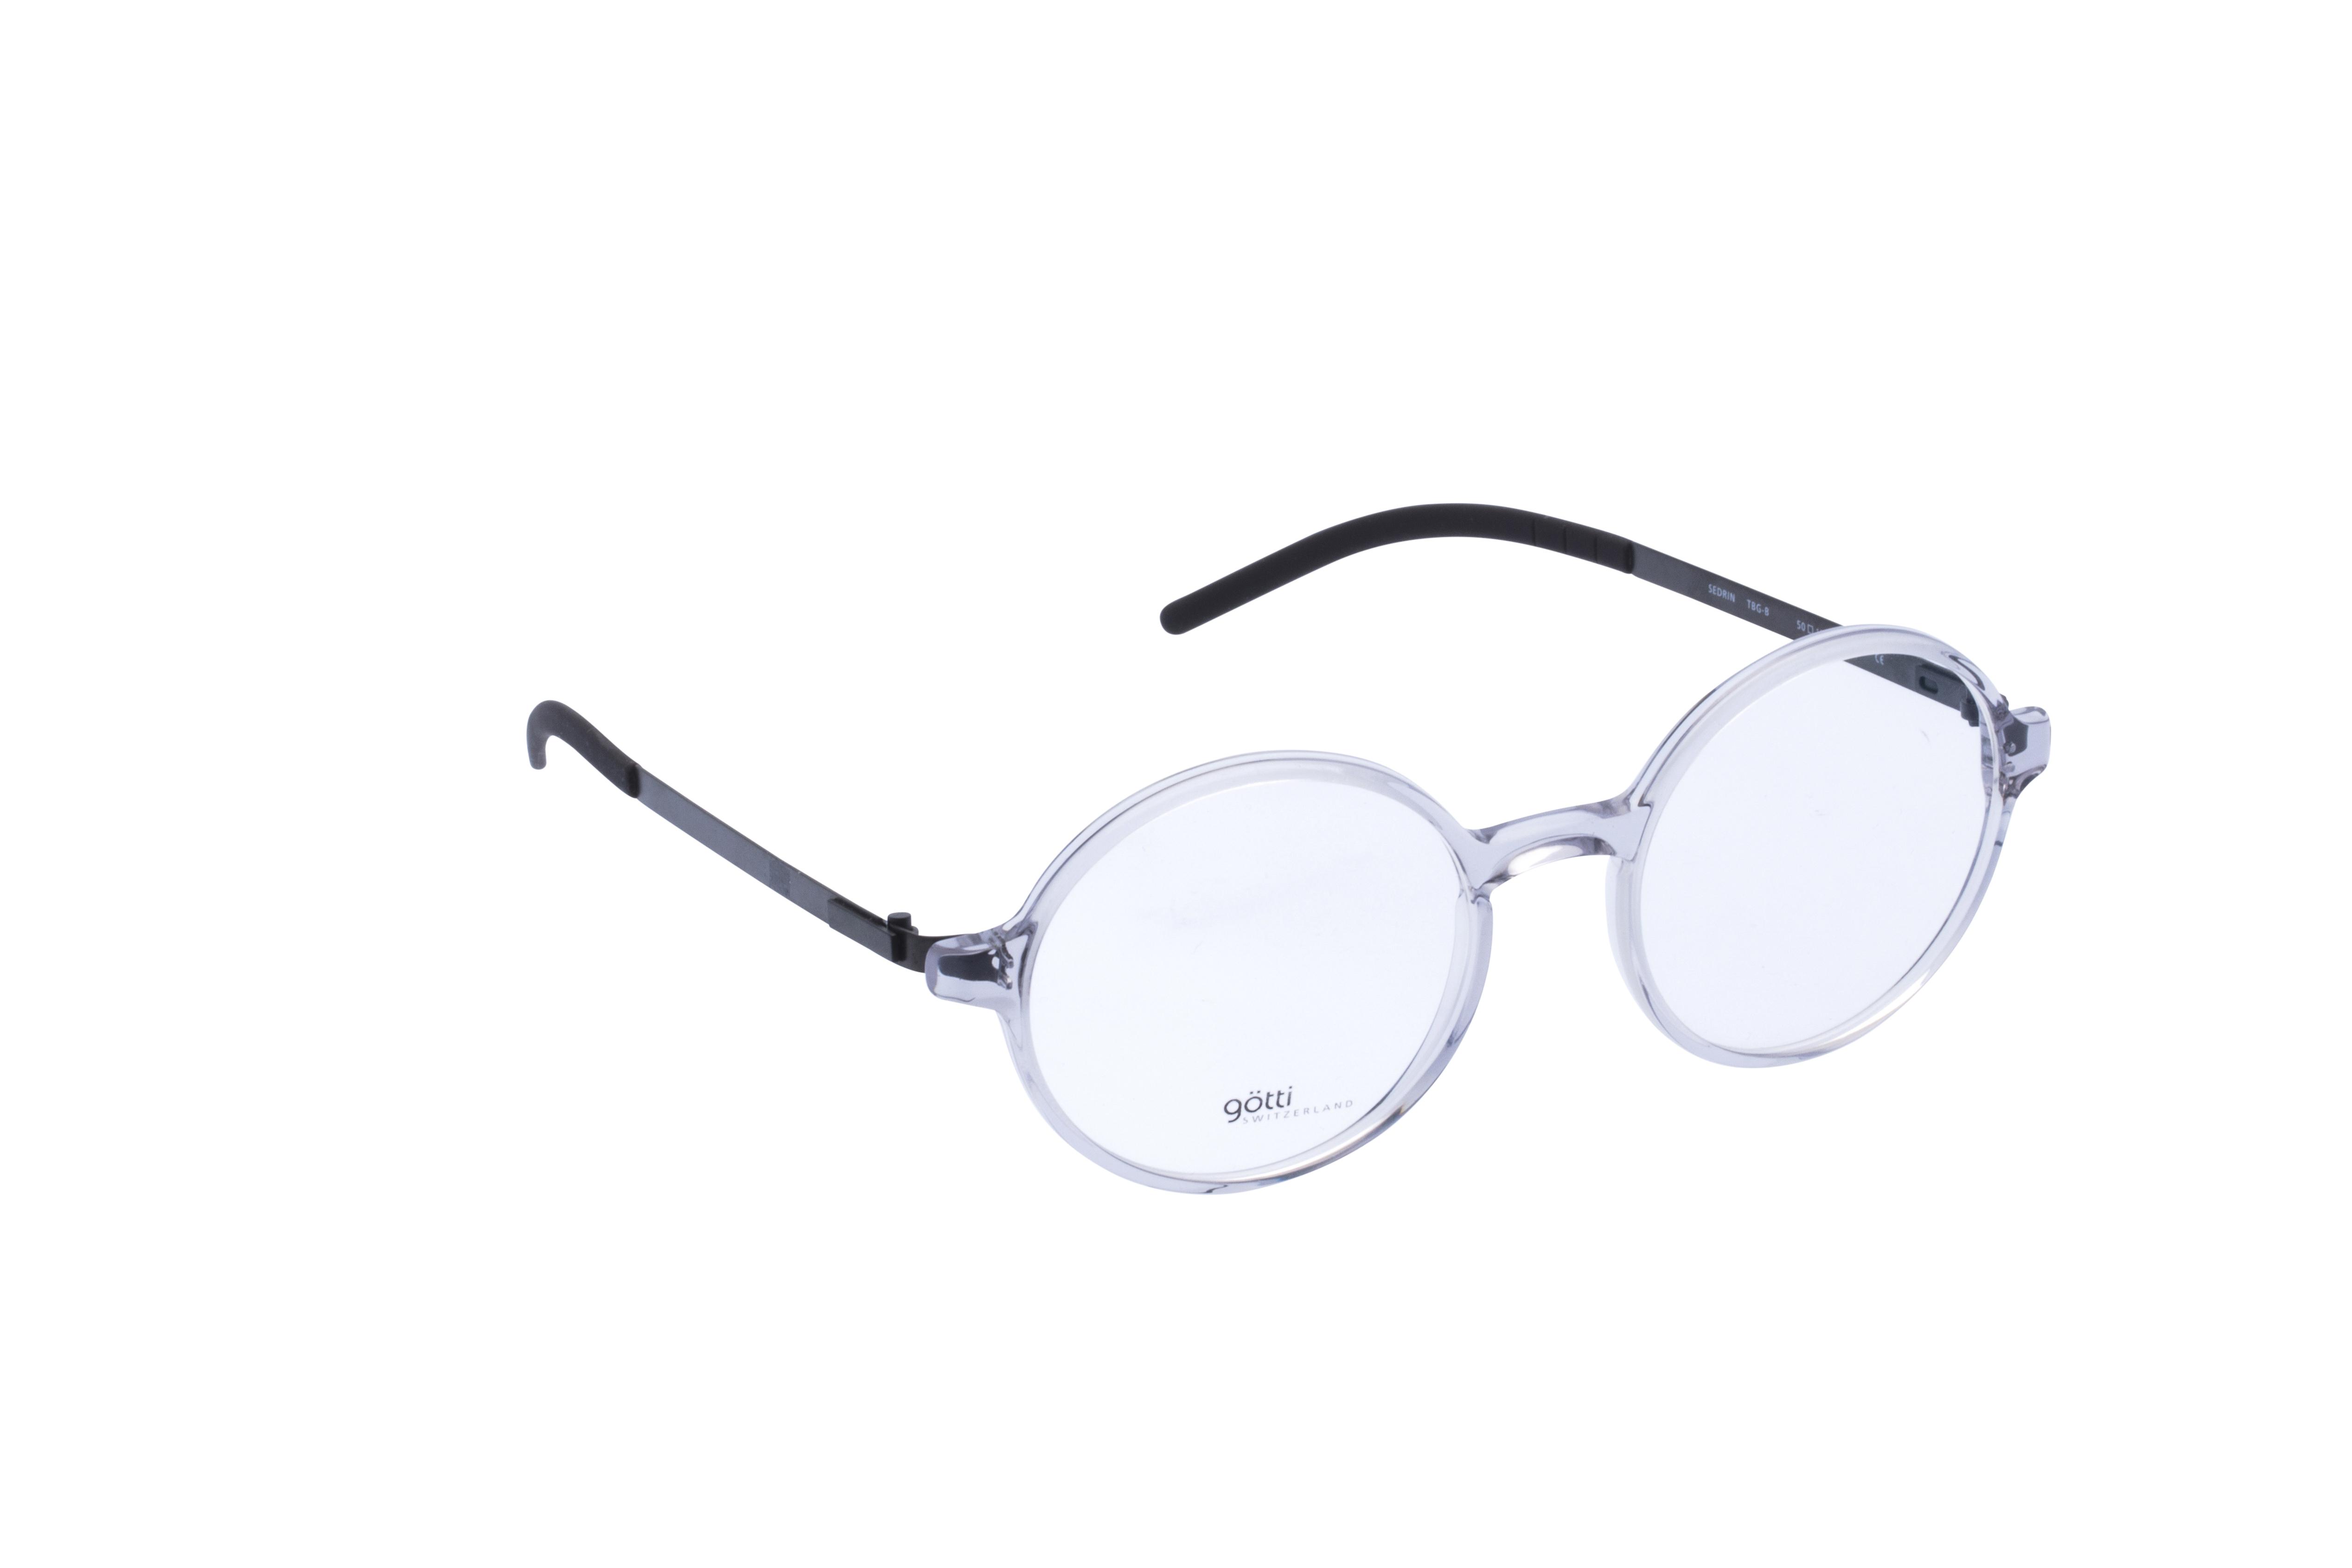 360 Grad Ansicht 2 Götti Sedrin, Brille auf Weiß - Fassung bei KUNK